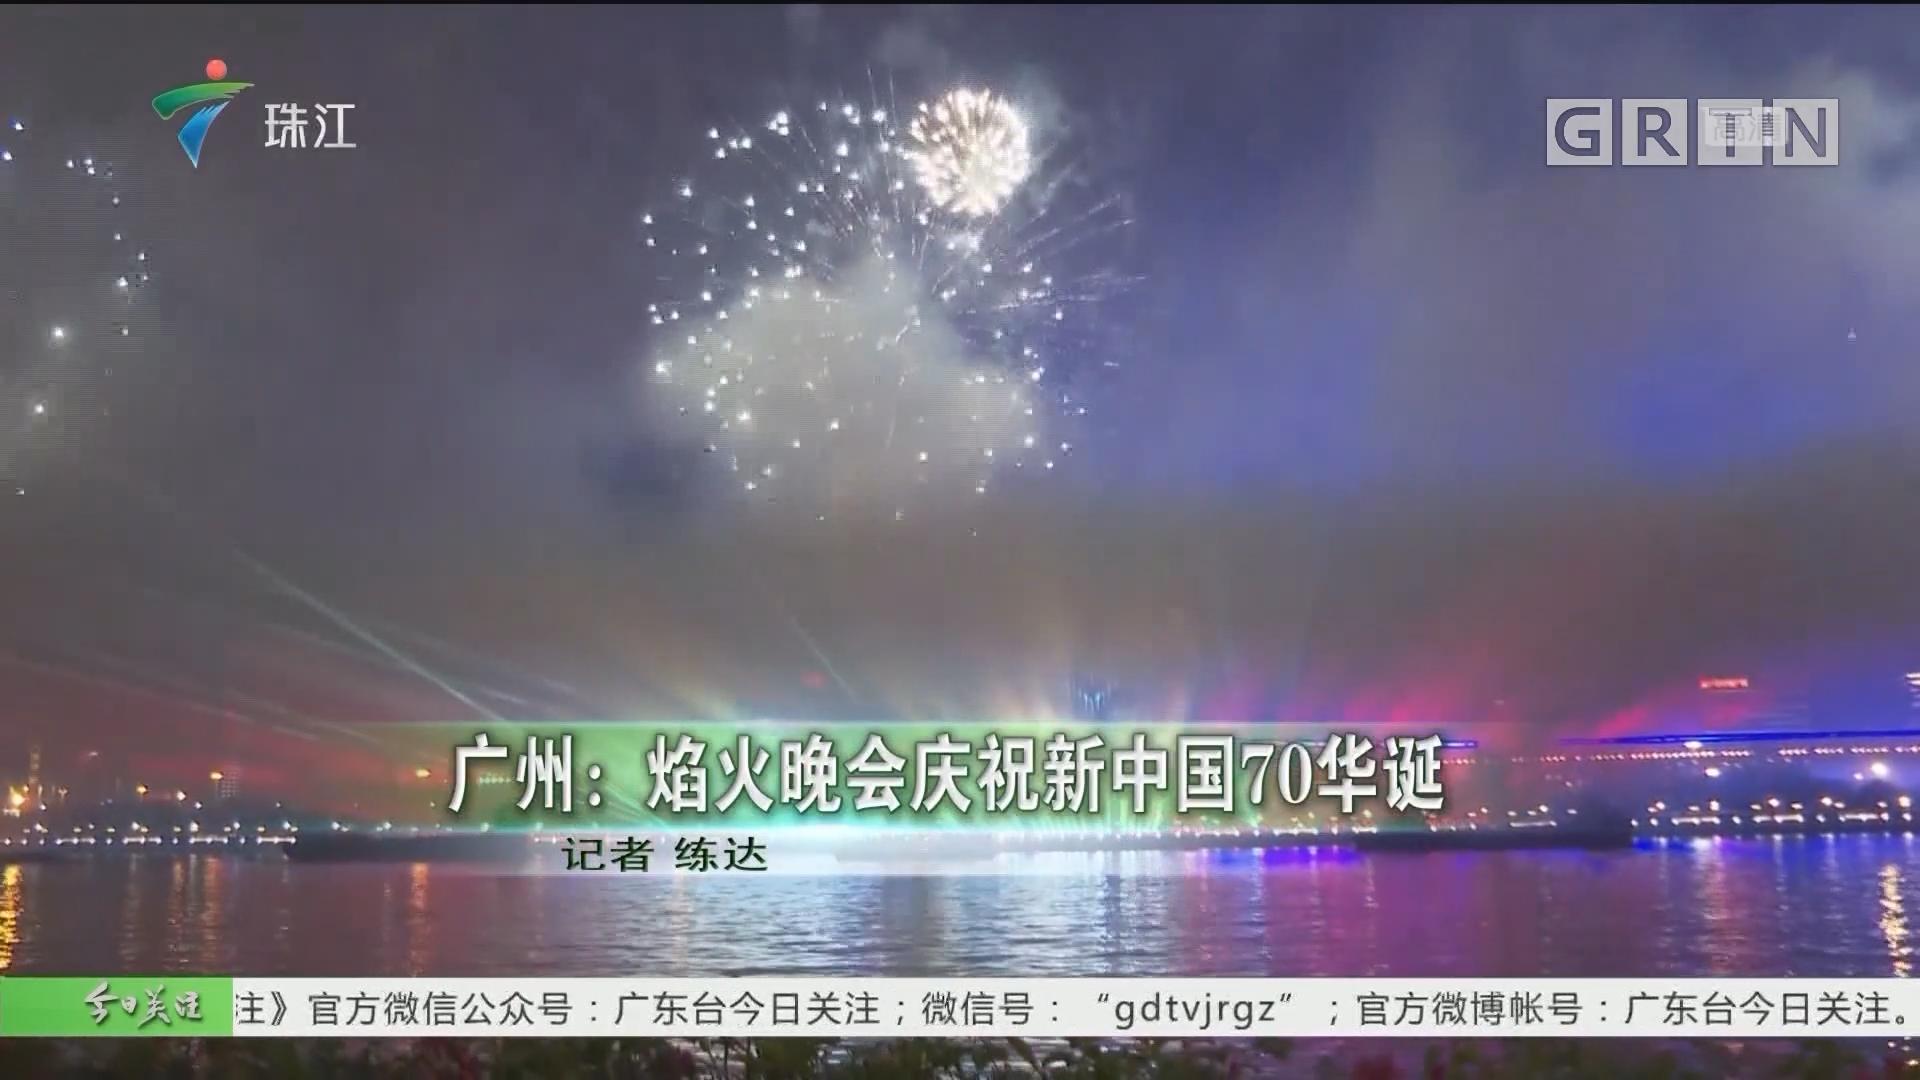 广州:焰火晚会庆祝新中国70华诞